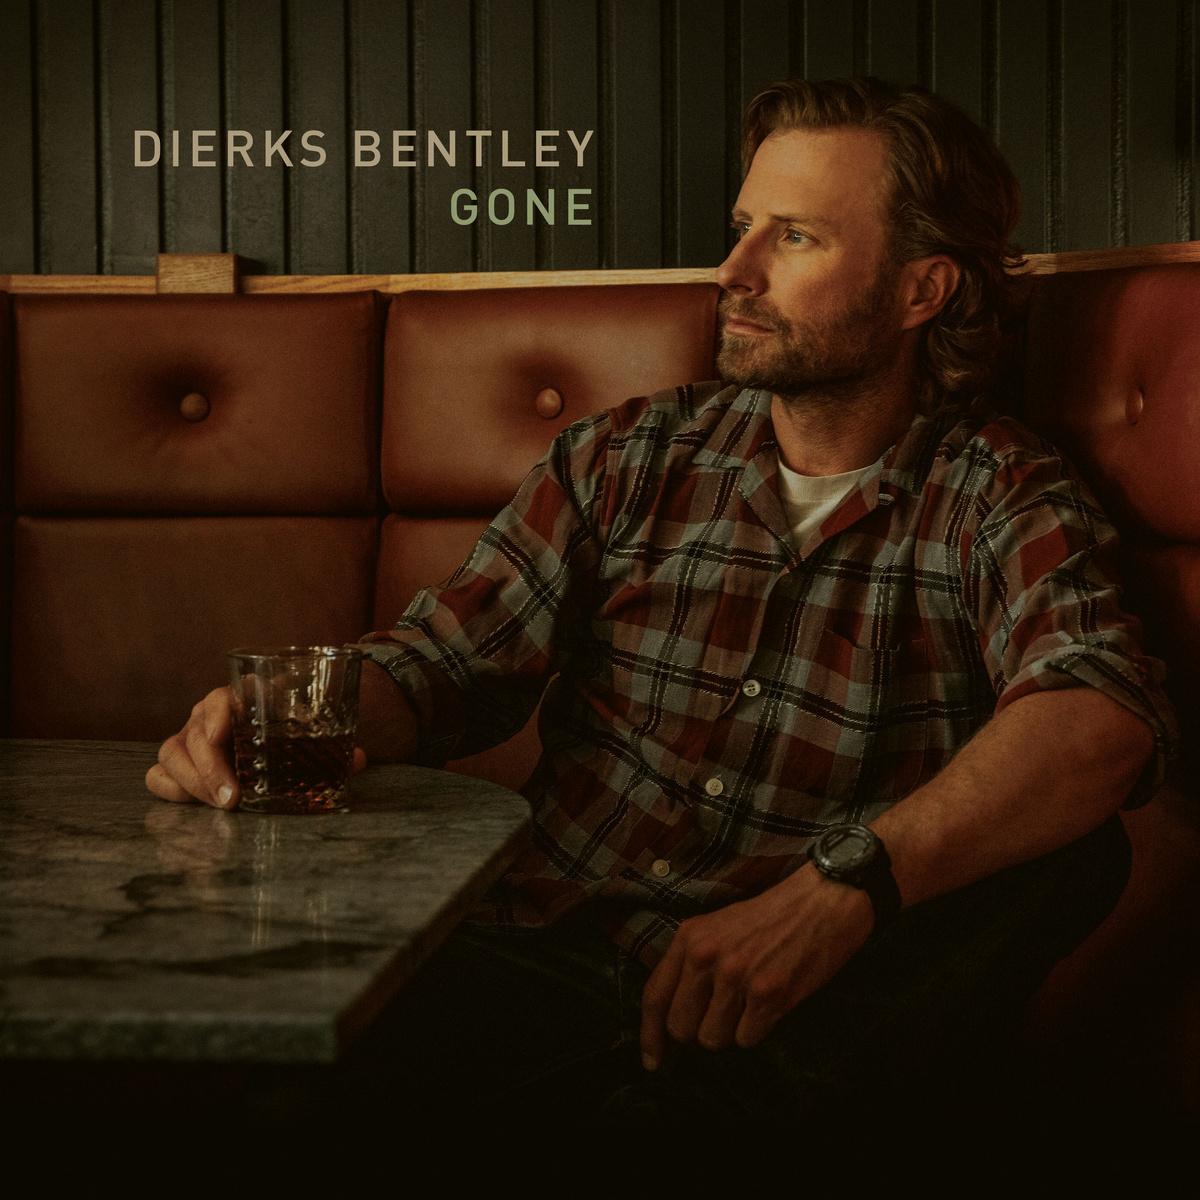 dierks-bentley-gone